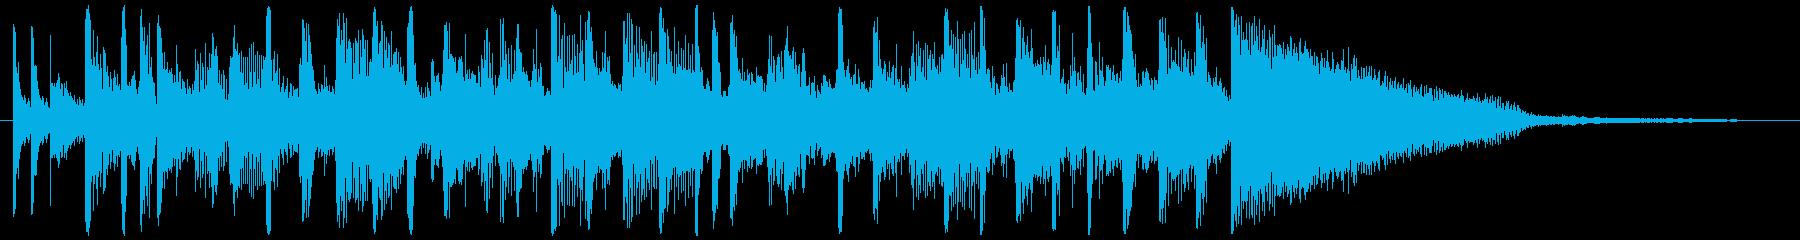 コーナータイトル_Next stageの再生済みの波形